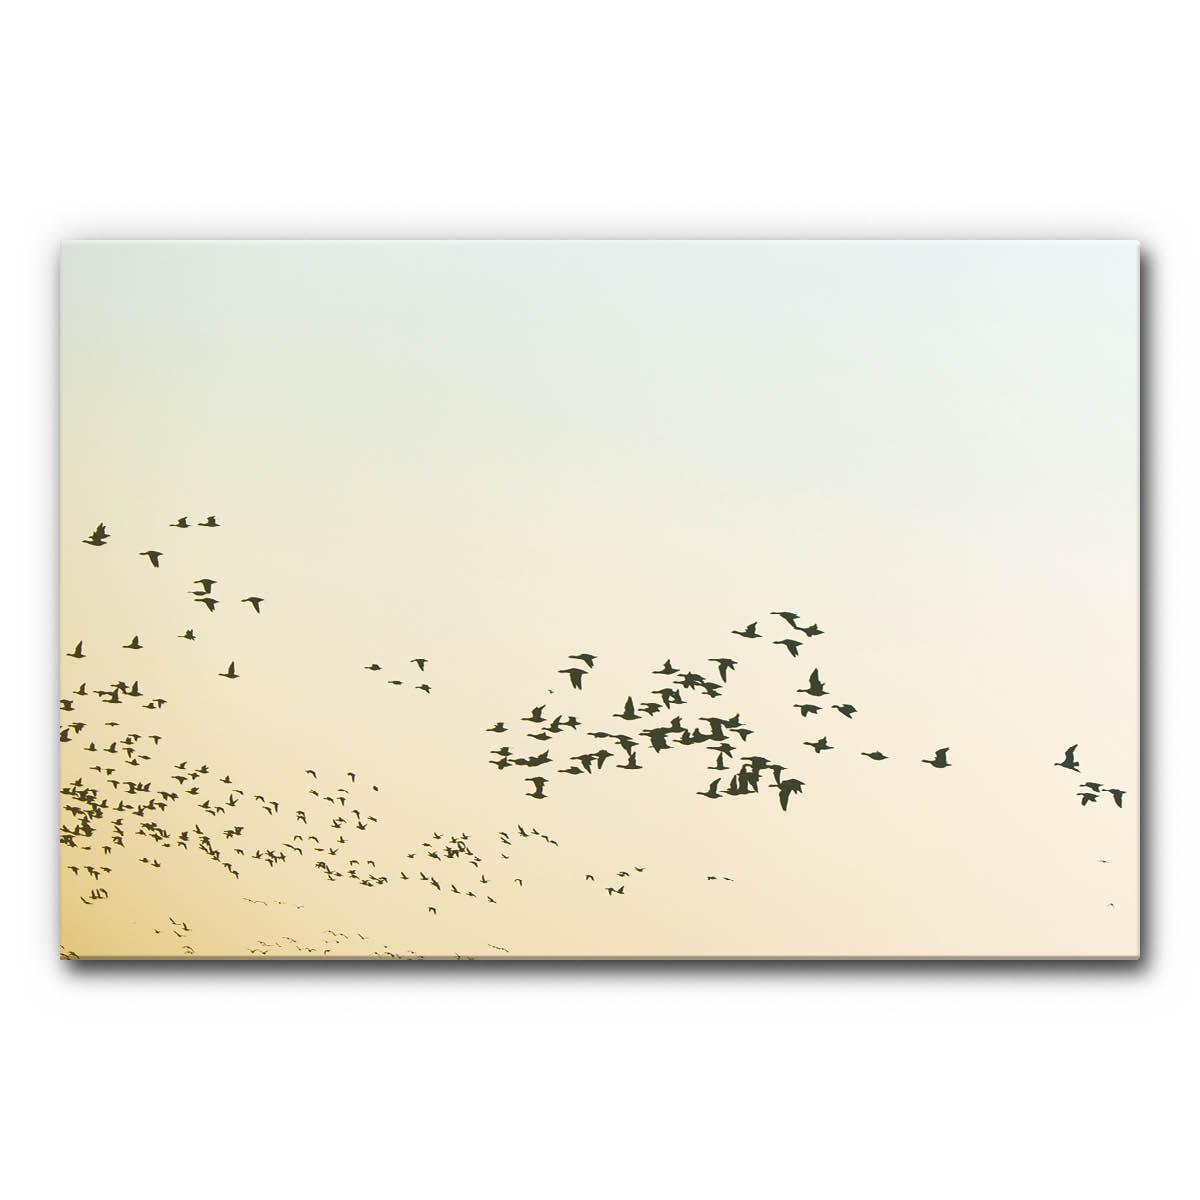 Akustikbild Vogelschwarm im Format DIN A0